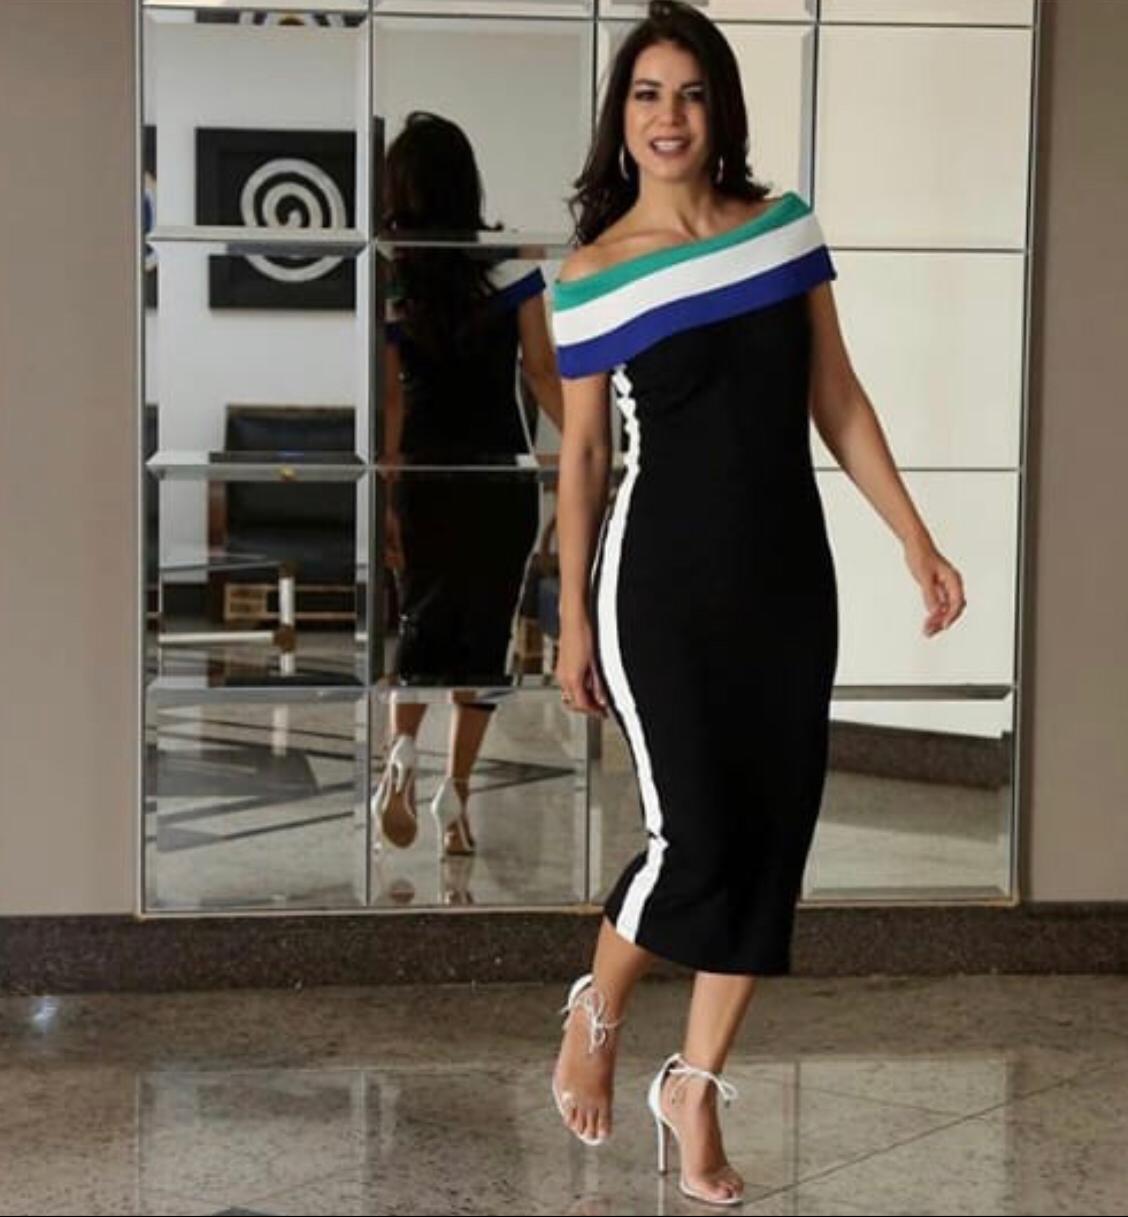 Vestido Lais Midi Ombro a Ombro 97% vicomalha 3% elastano